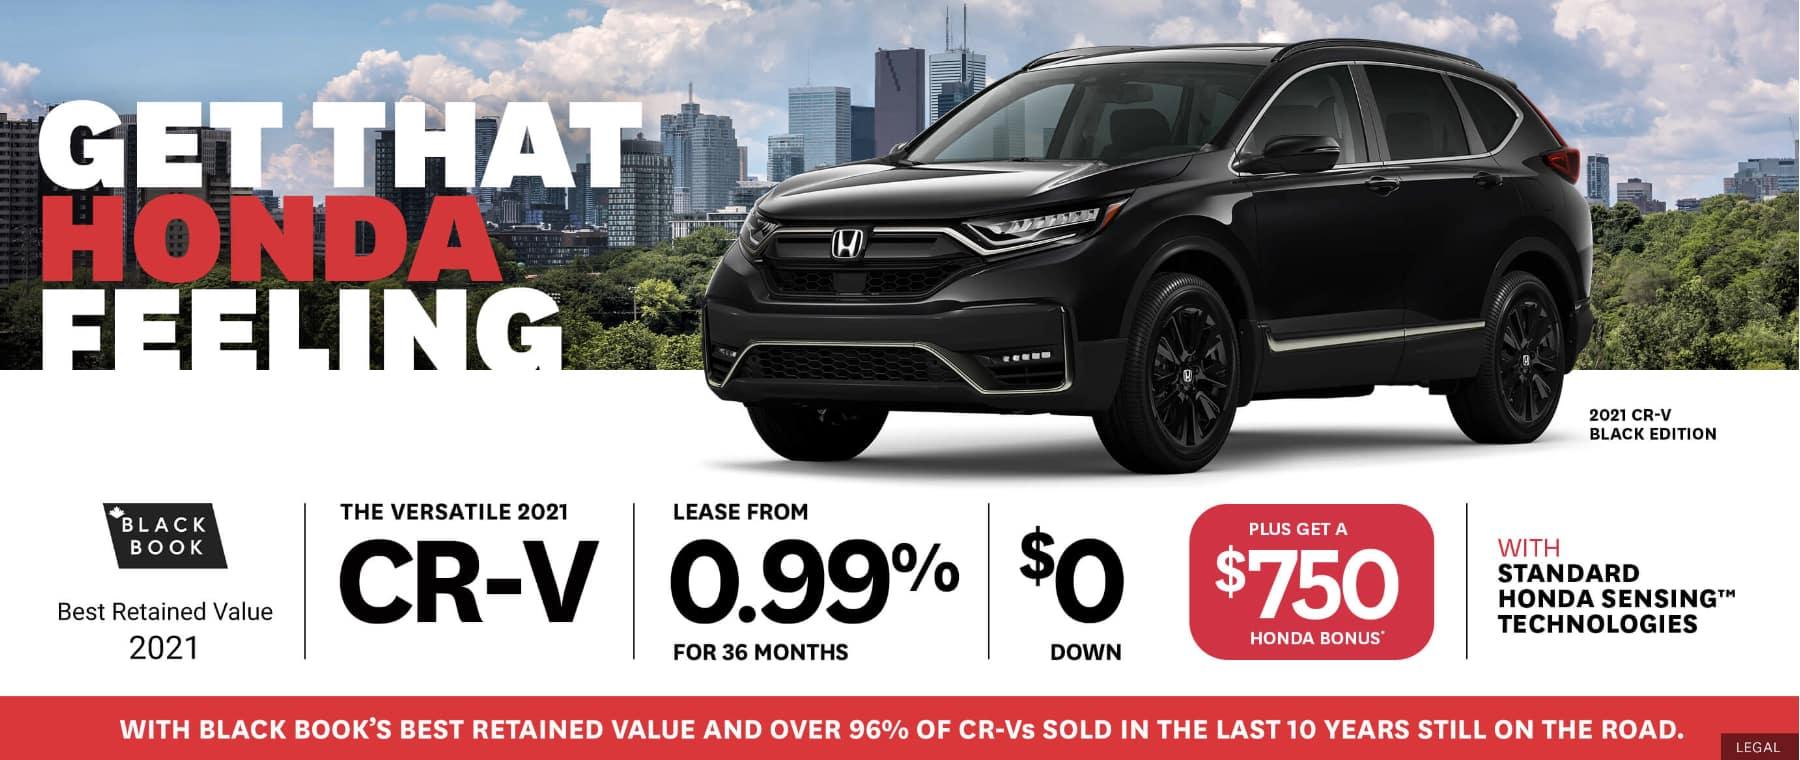 Honda CRV Pickering